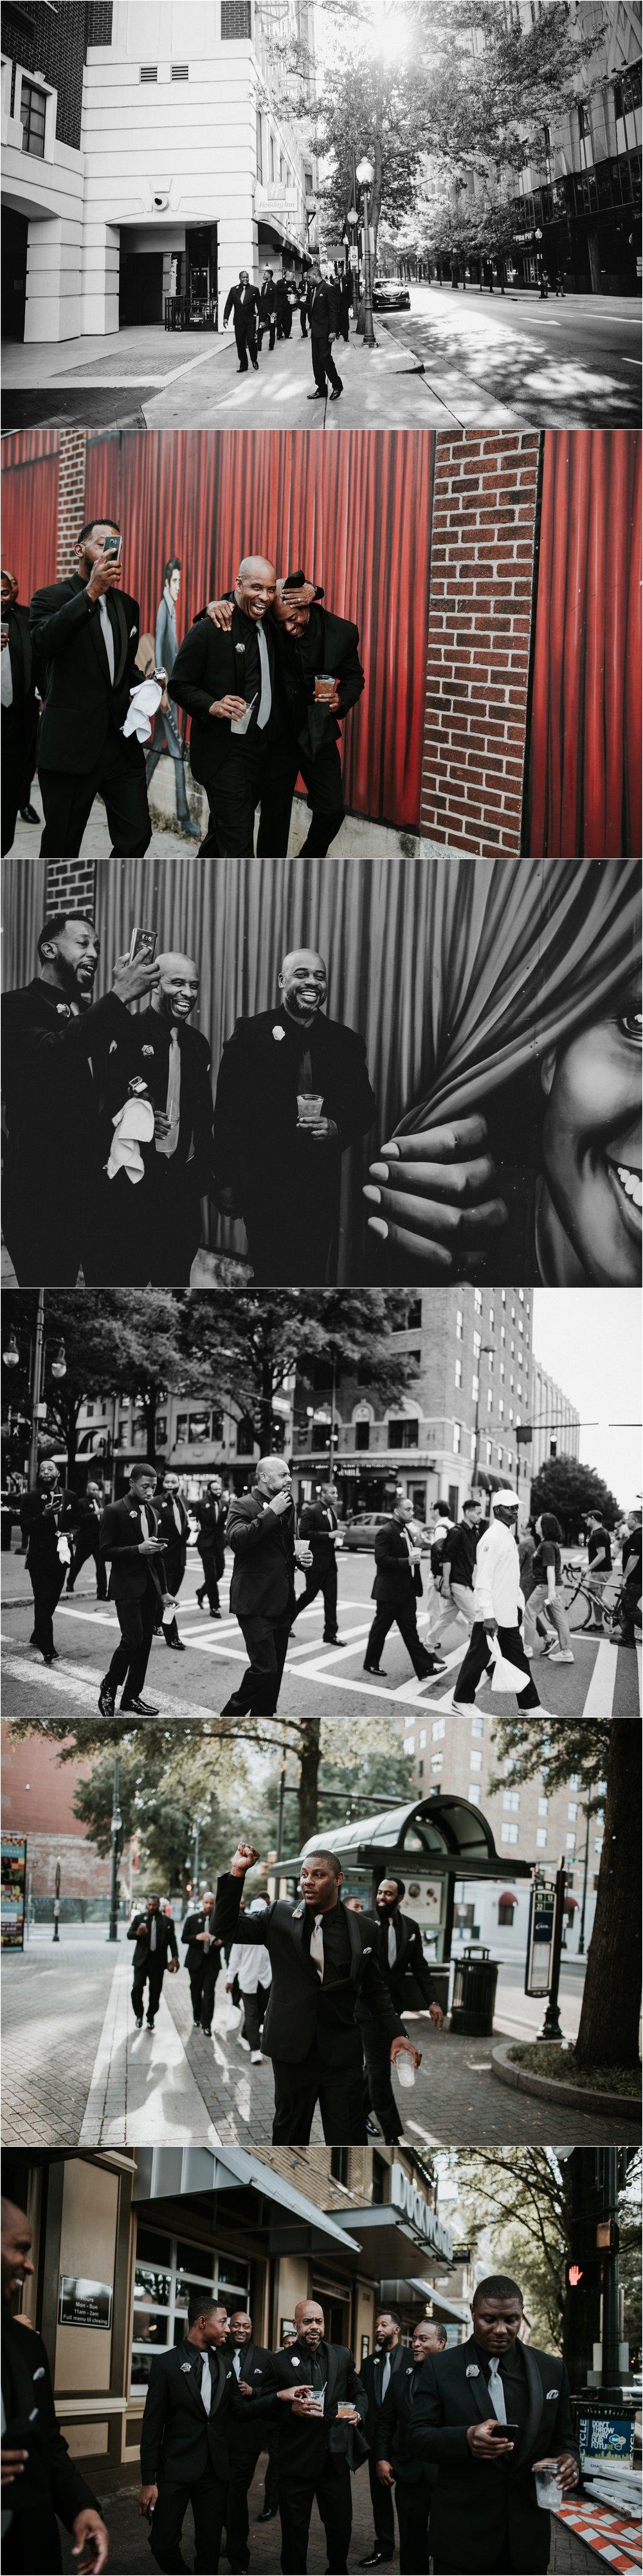 Charlotte-Ballet-Wedding-Photographer-29.jpg